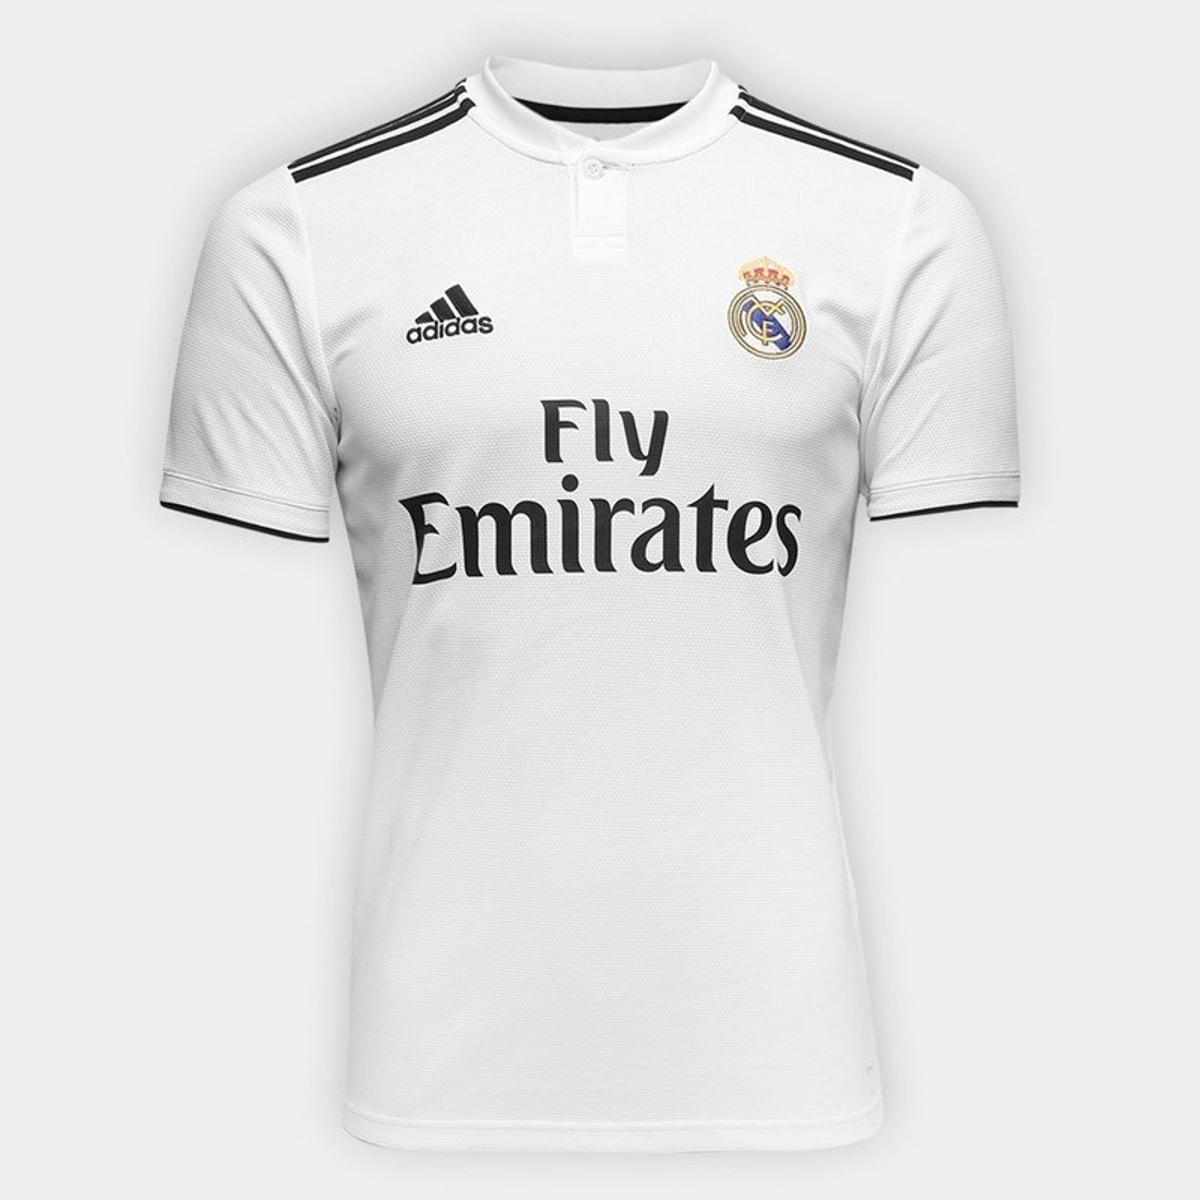 camisas clubes europeus personalizadas frete grátis original. Carregando  zoom. 5968da73f51cd